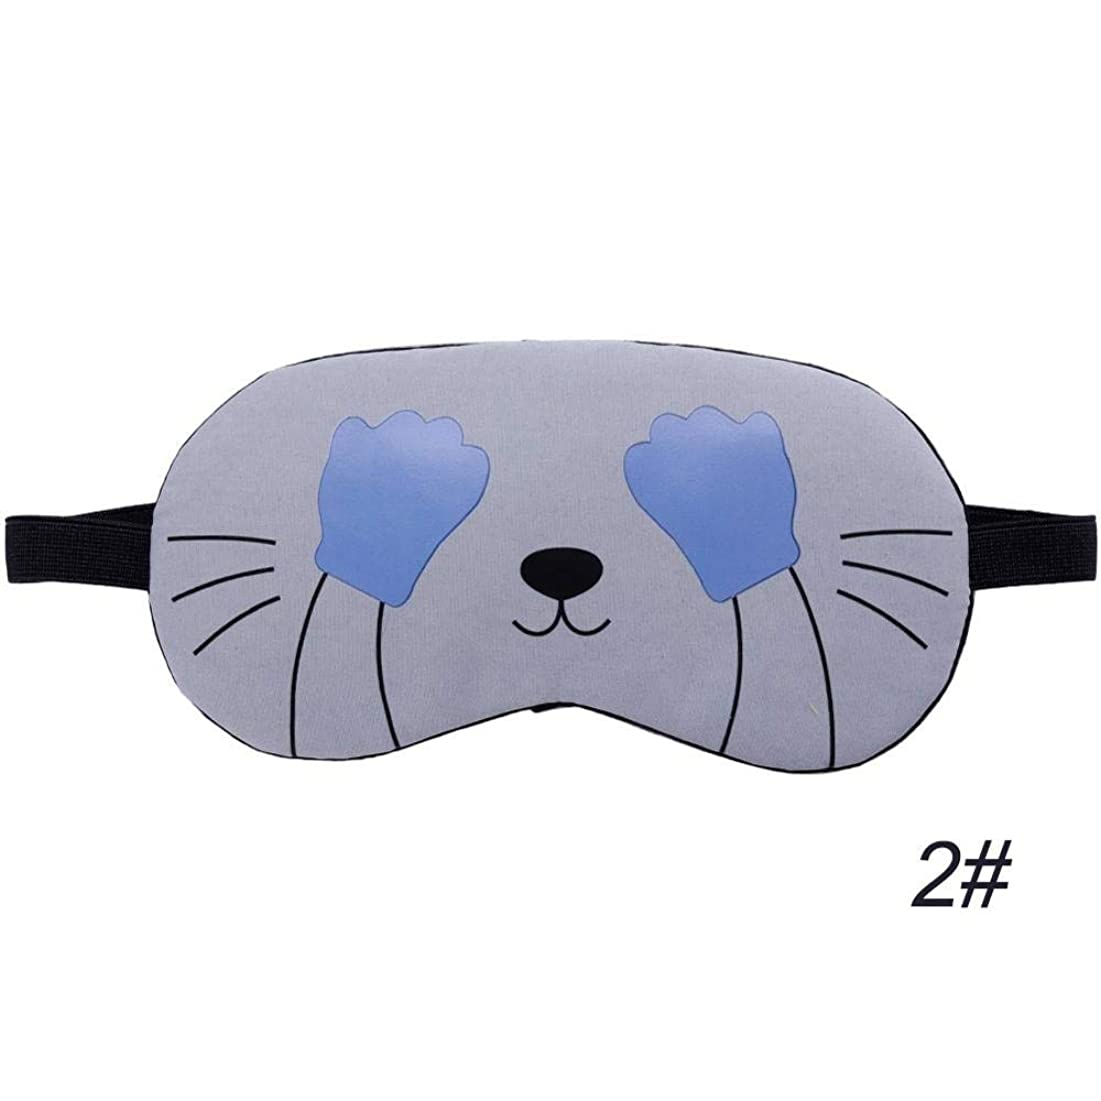 ラップハウジング魅力的であることへのアピールNOTE 1ピース睡眠アイマスクコットンソフト睡眠援助旅行残りアイシェードカバー目隠しユニセックス女性男性13スタイル眼鏡#280205